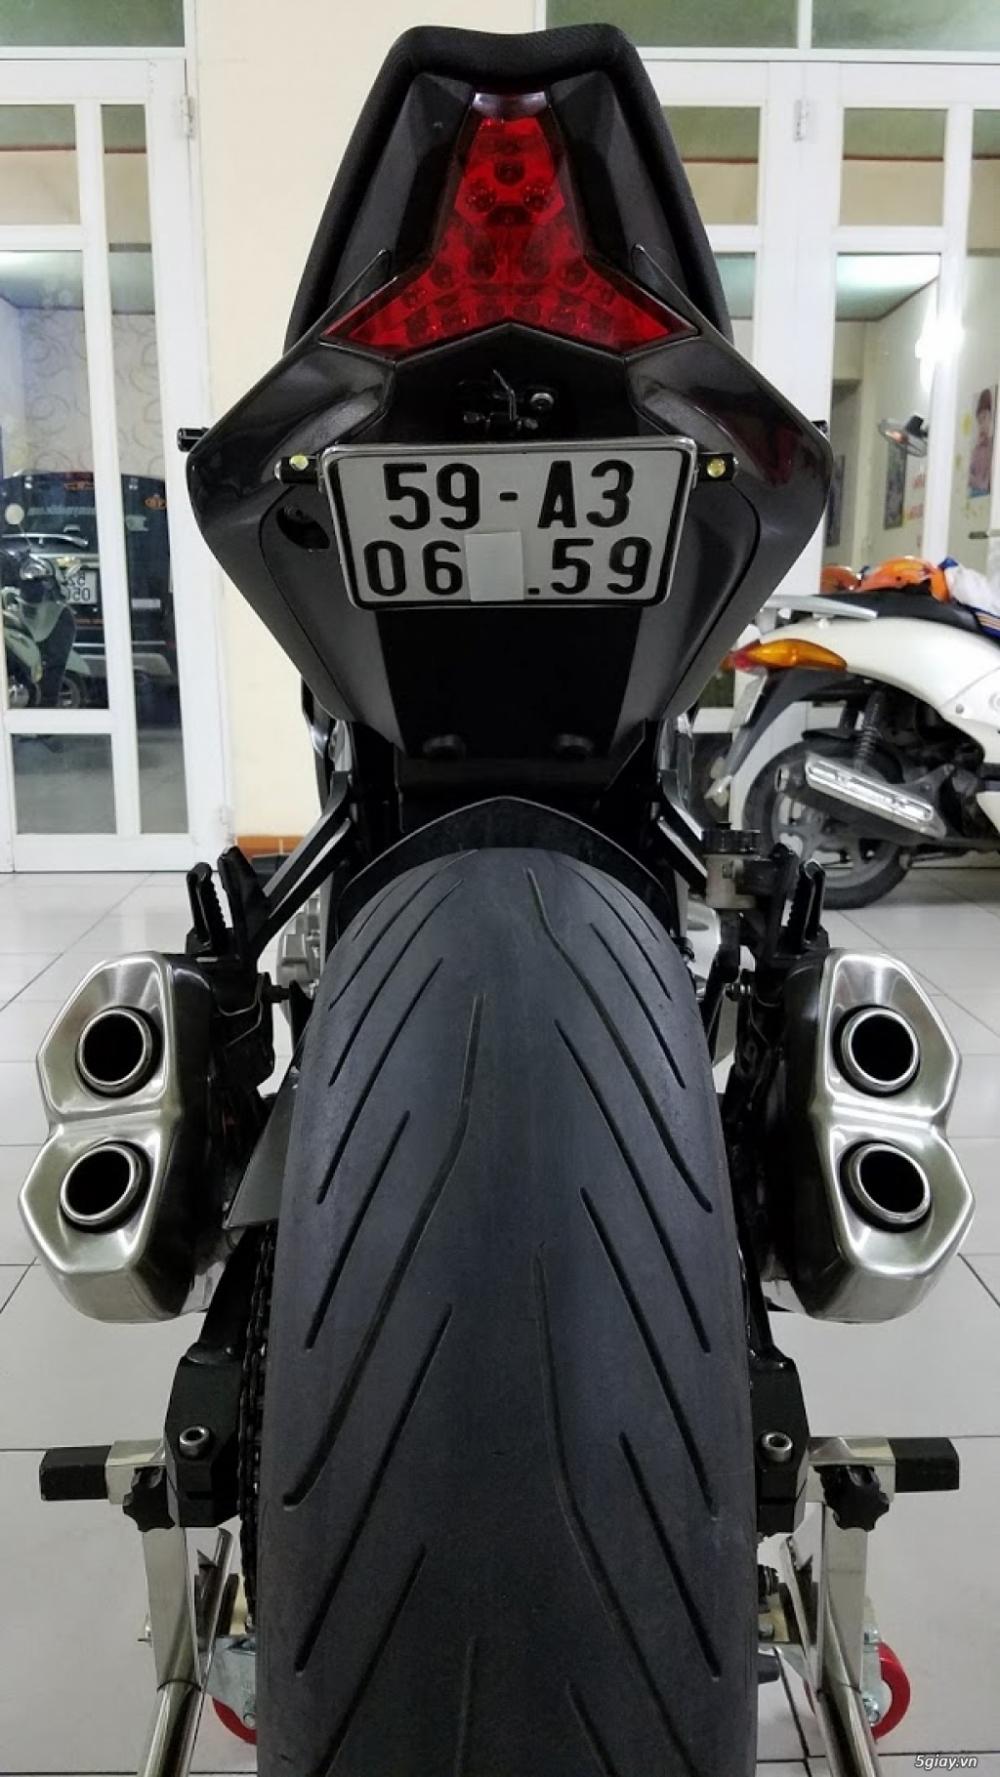 Ban Kawasaki Z1000 62015 ABS HISS Chau Au Saigon bien dep - 11